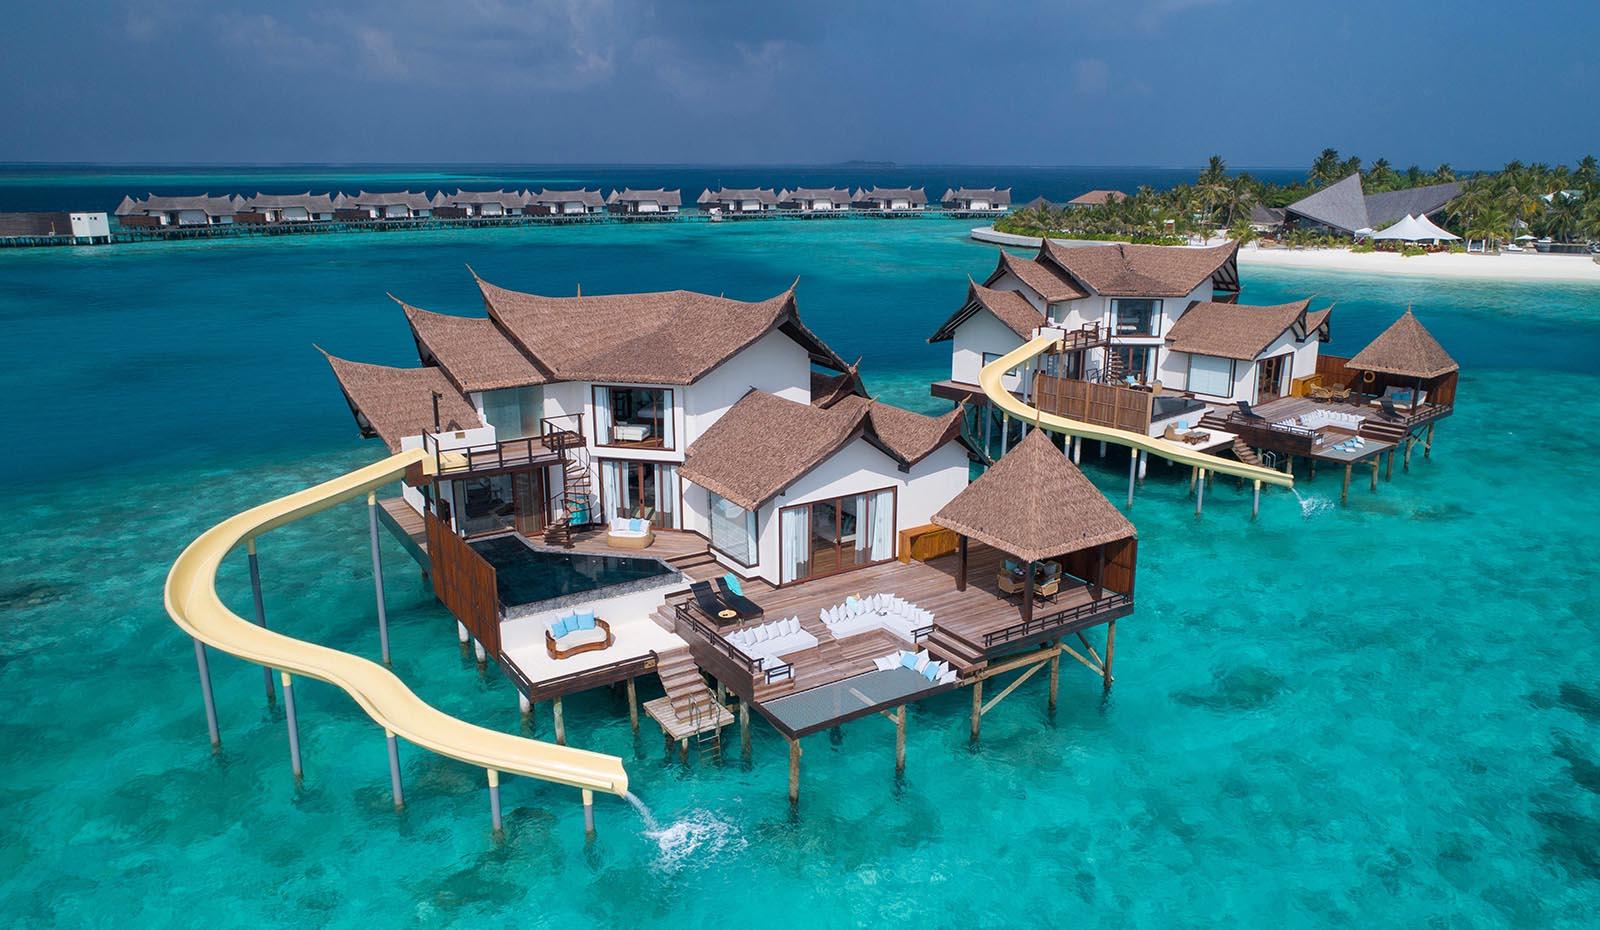 Отель Ozen reserve bolifushi на Мальдивах